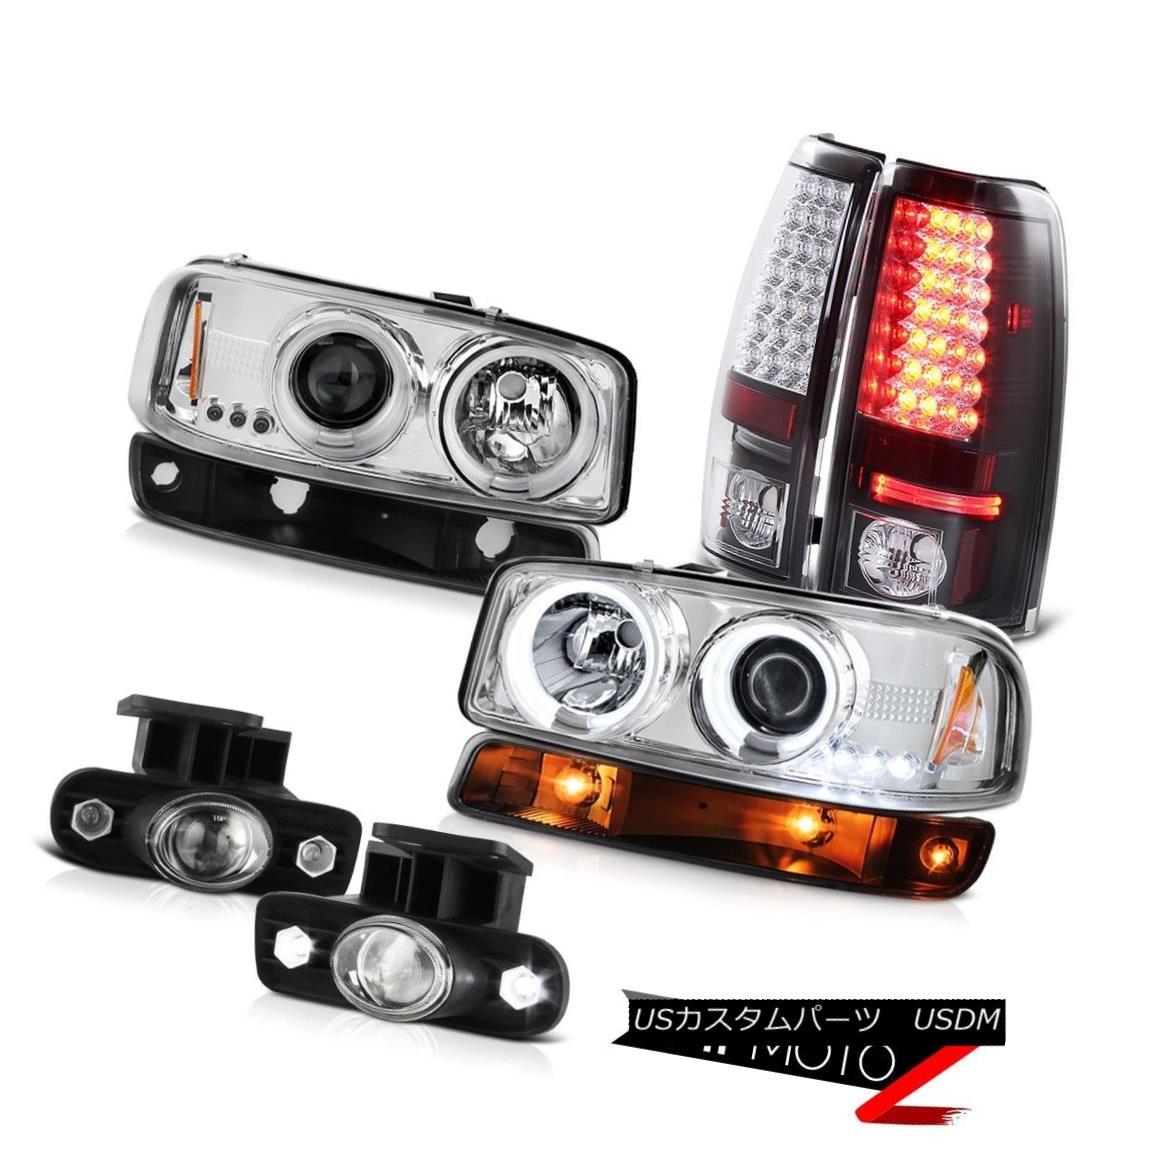 テールライト 1999-2002 Sierra 3500HD Chrome fog lamps smd tail signal lamp ccfl Headlights 1999-2002シエラ3500HDクロームフォグランプsmdテールシグナルランプccflヘッドライト